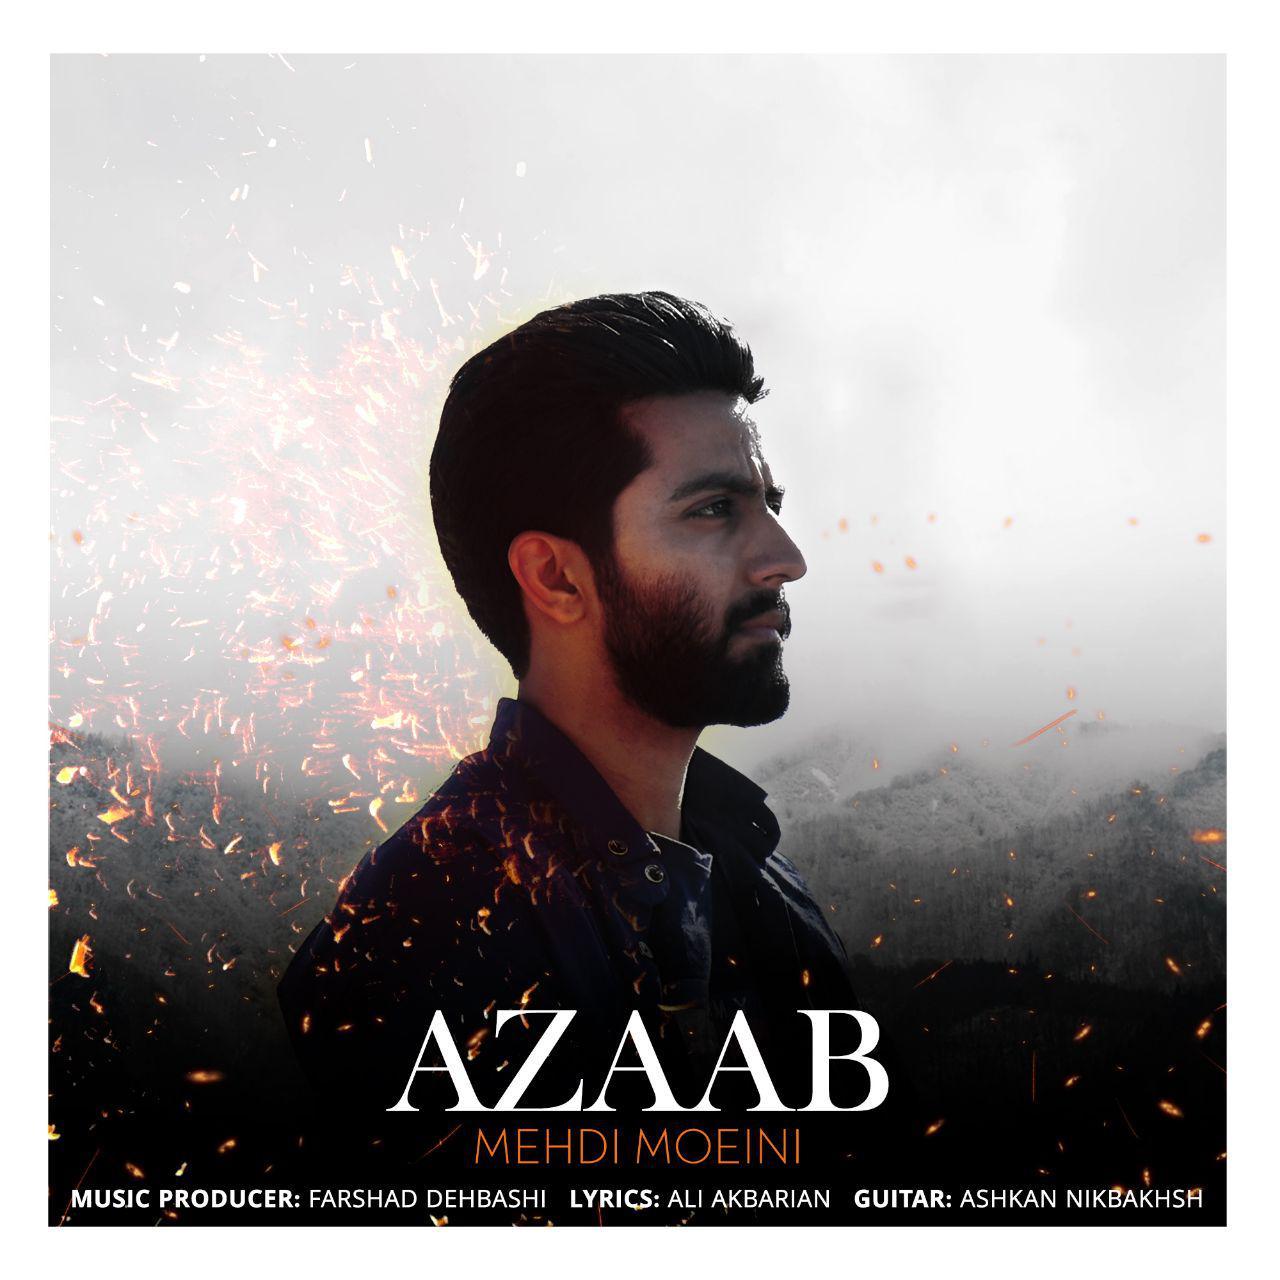 Mehdi Moeini – Azaab